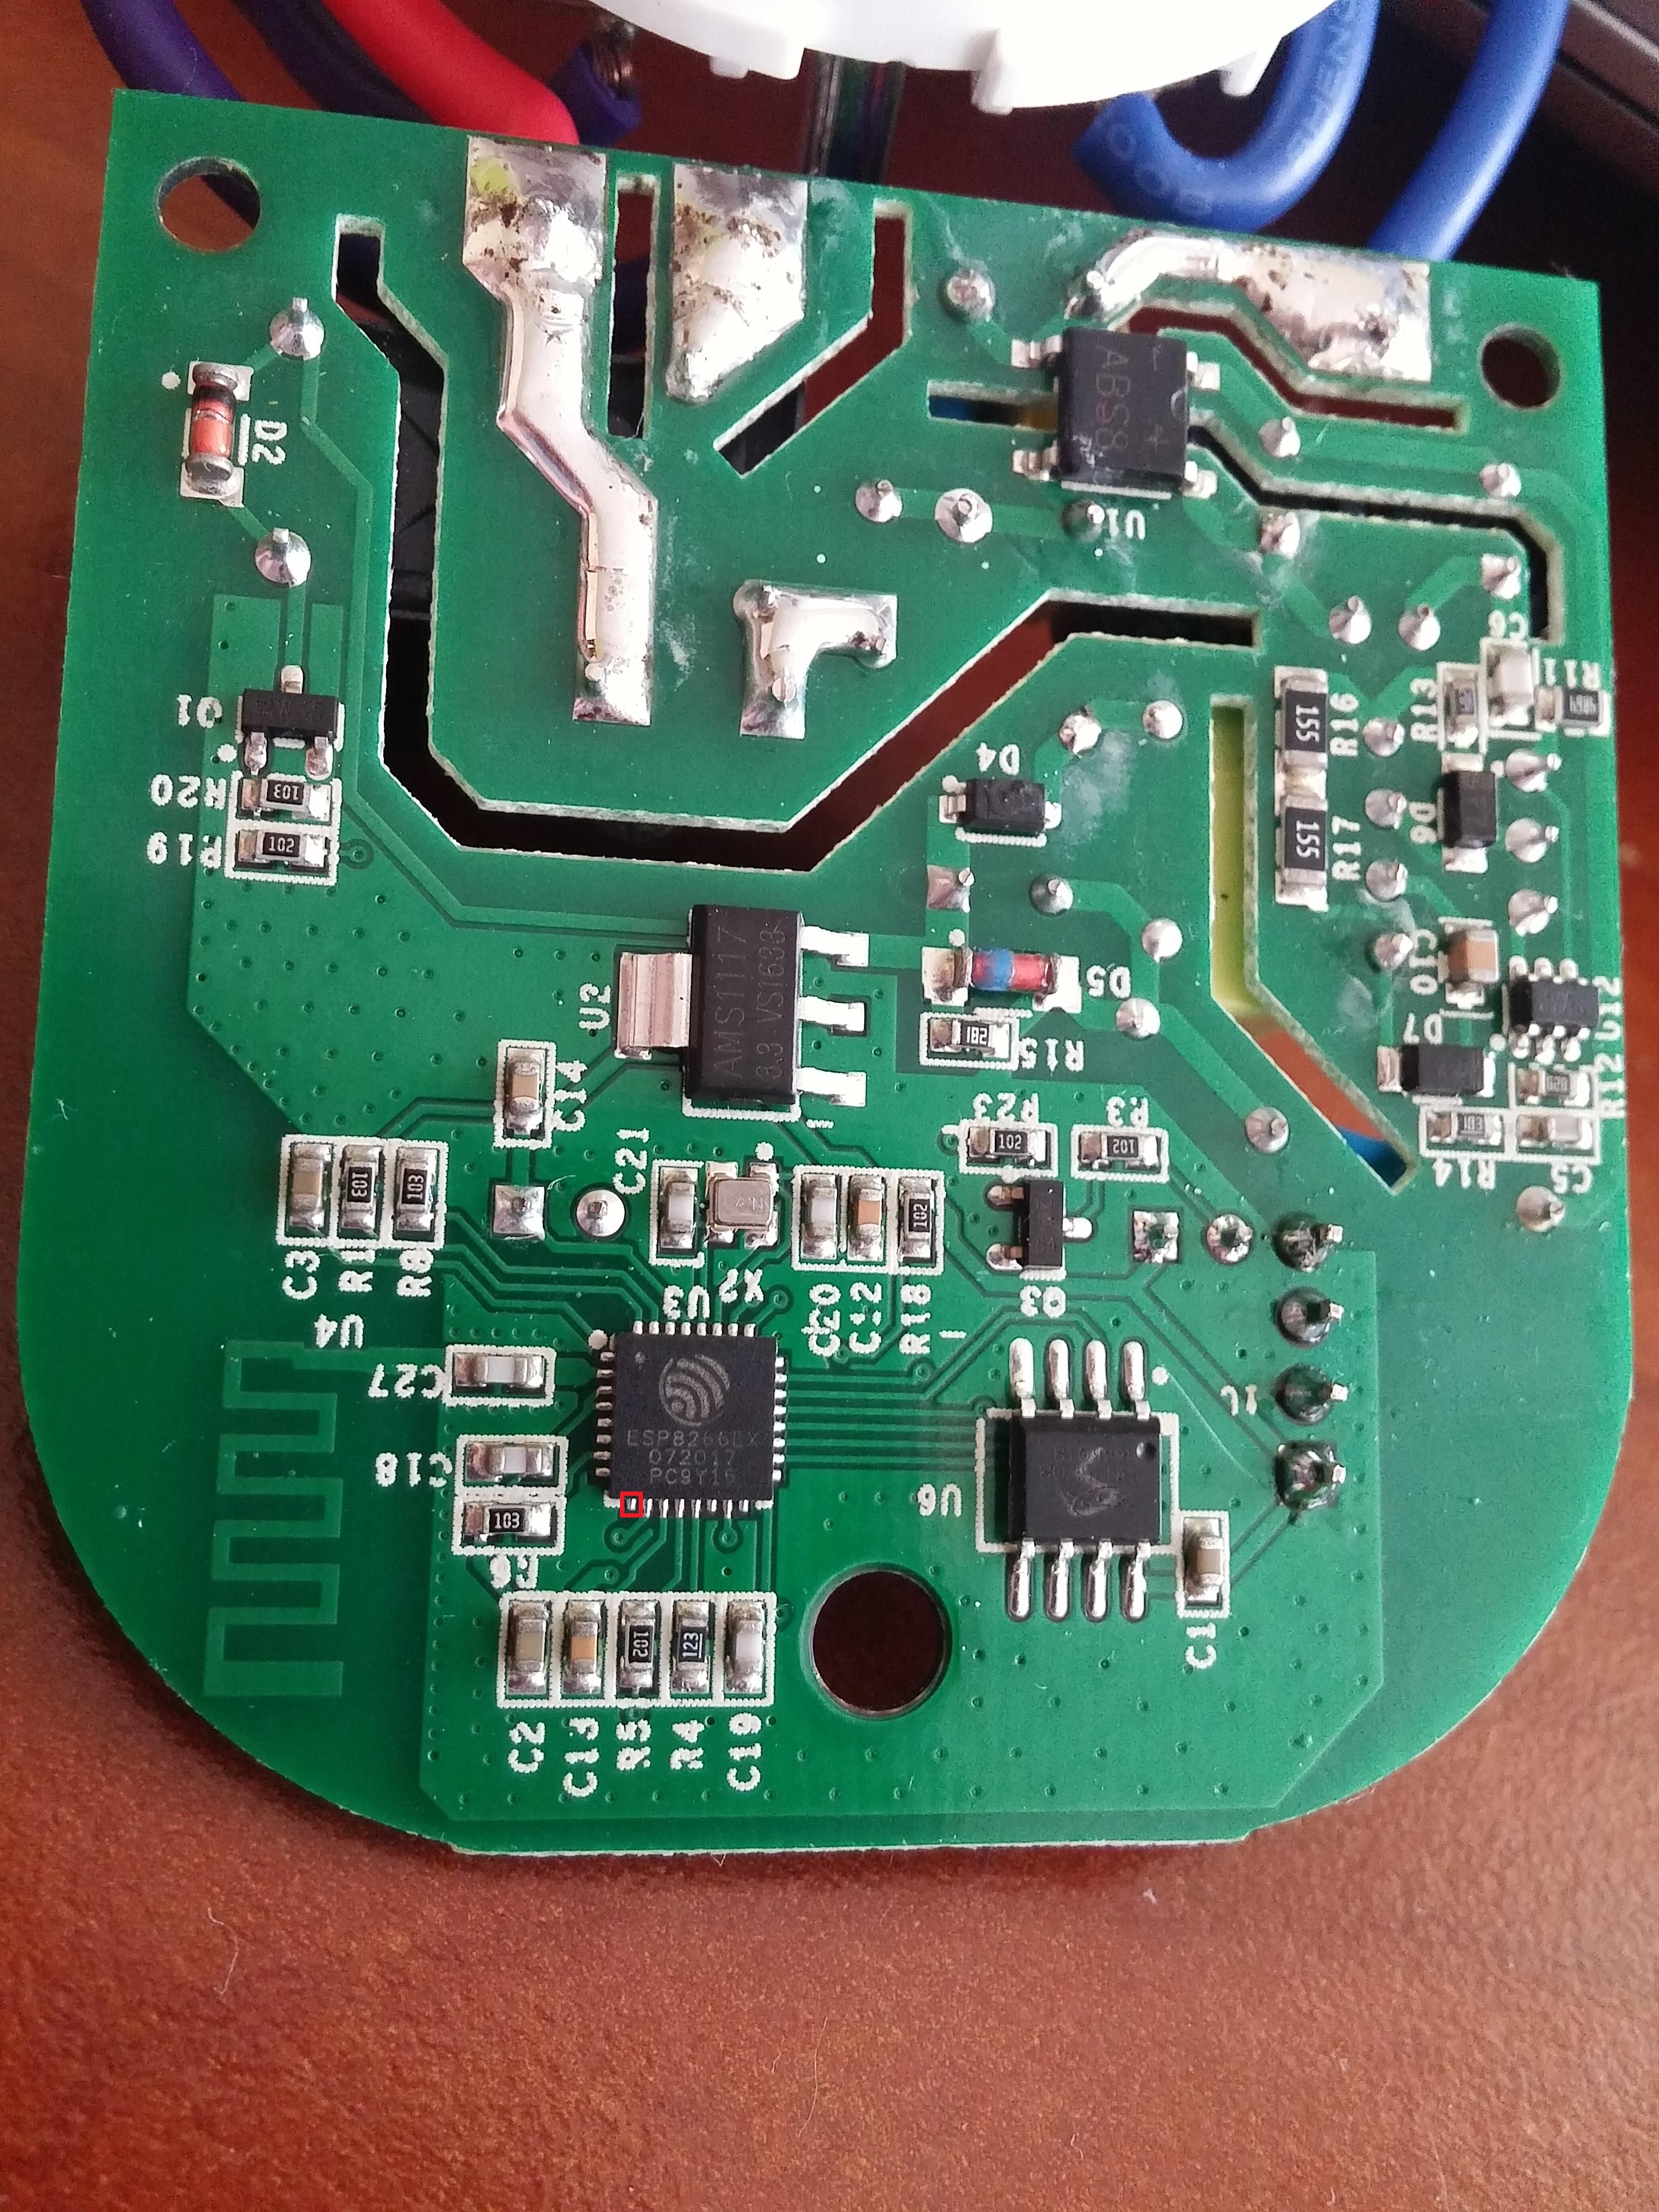 Sonoff S20 ds18b20 – Urządzenia Sonoff od Itead – Forum